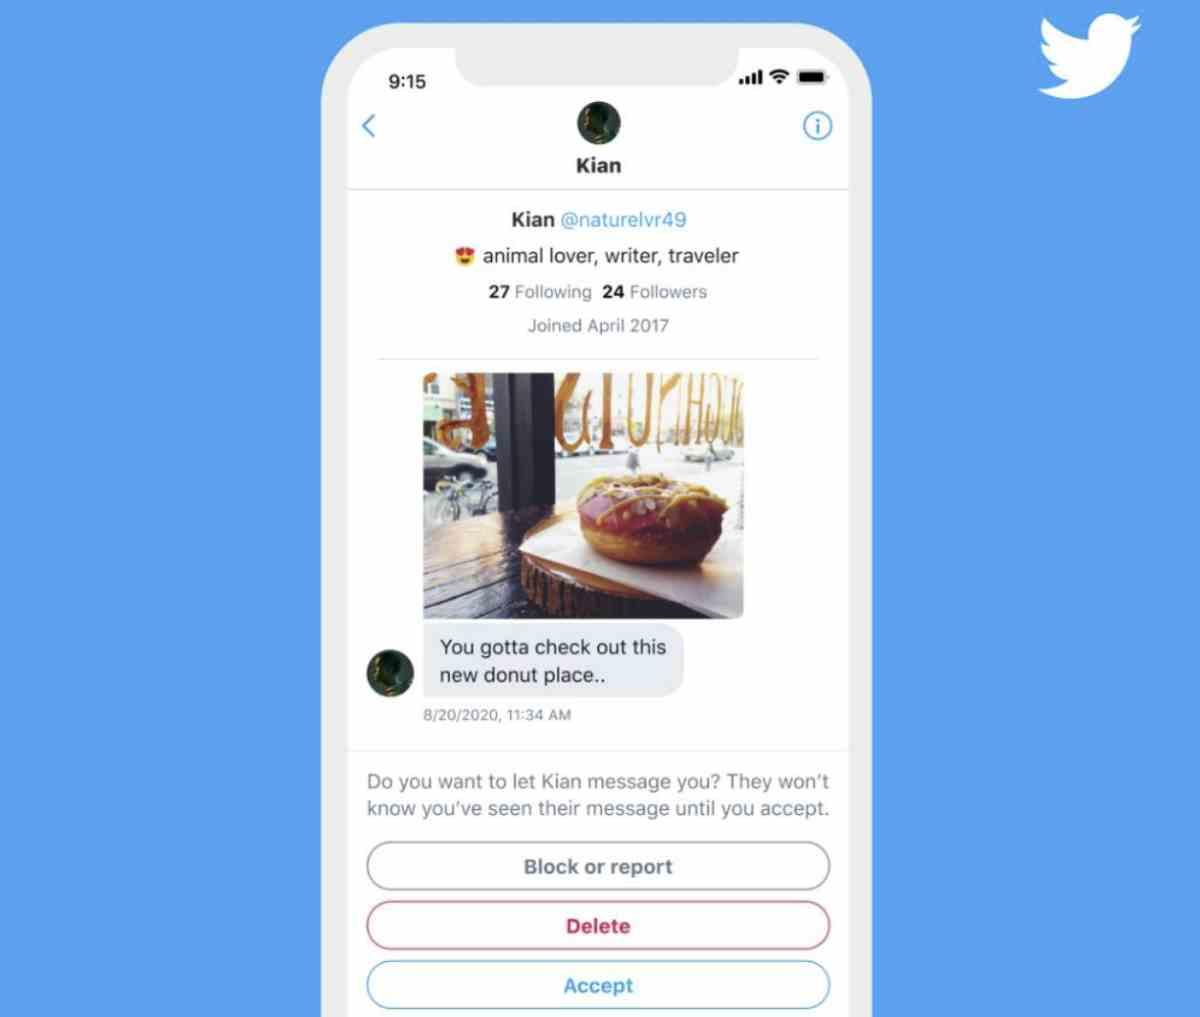 Twitter ofrecerá información adicional sobre peticiones de mensajes directos de desconocidos